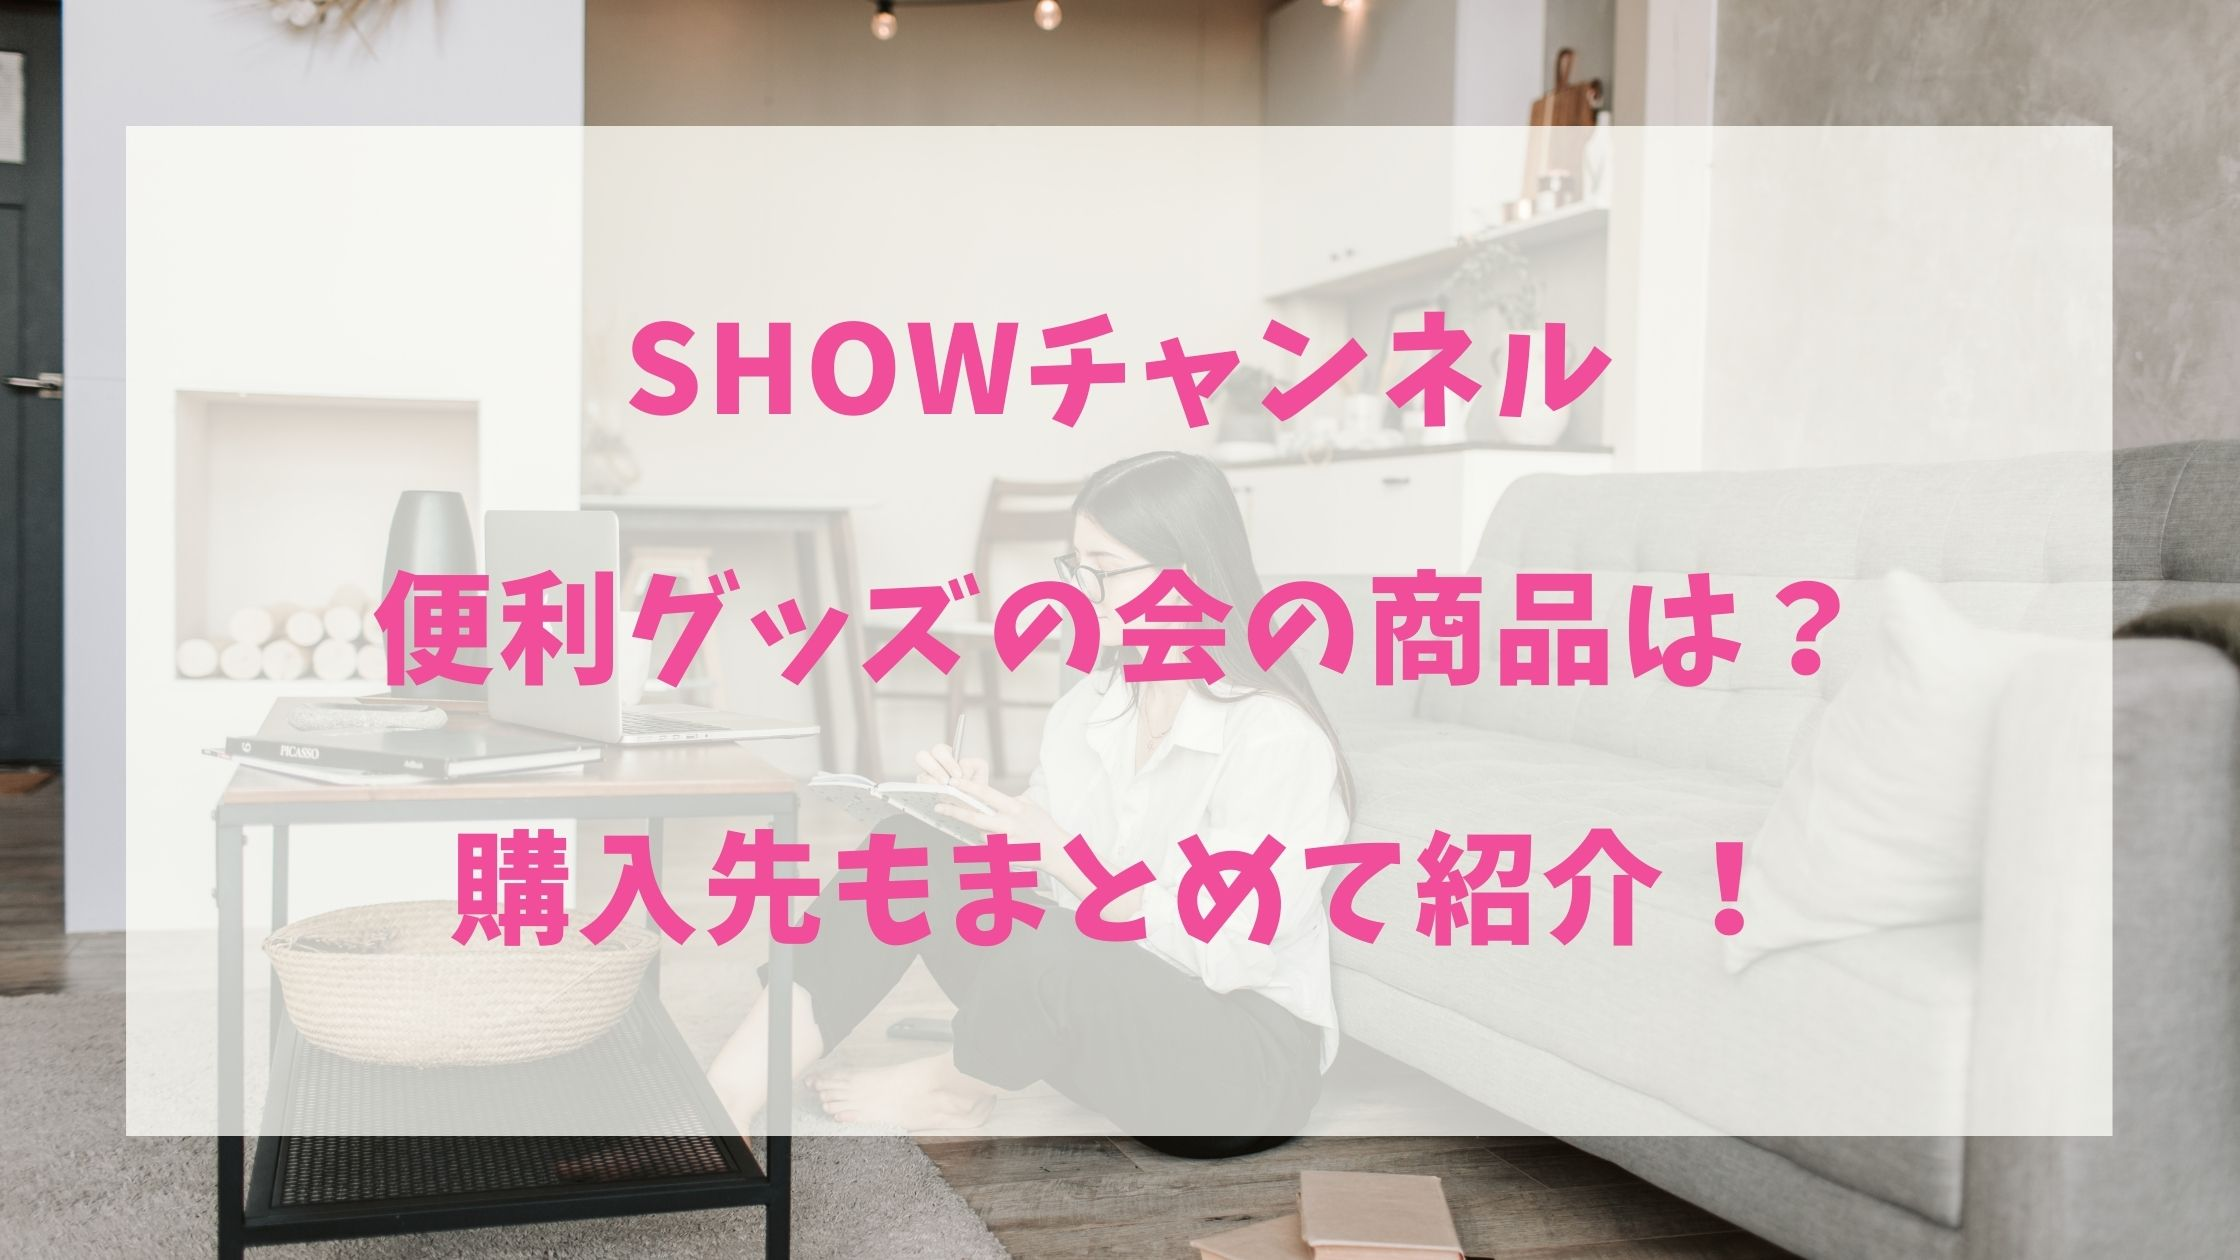 SHOWチャンネル便利グッズの会の商品は?購入先もまとめて紹介!